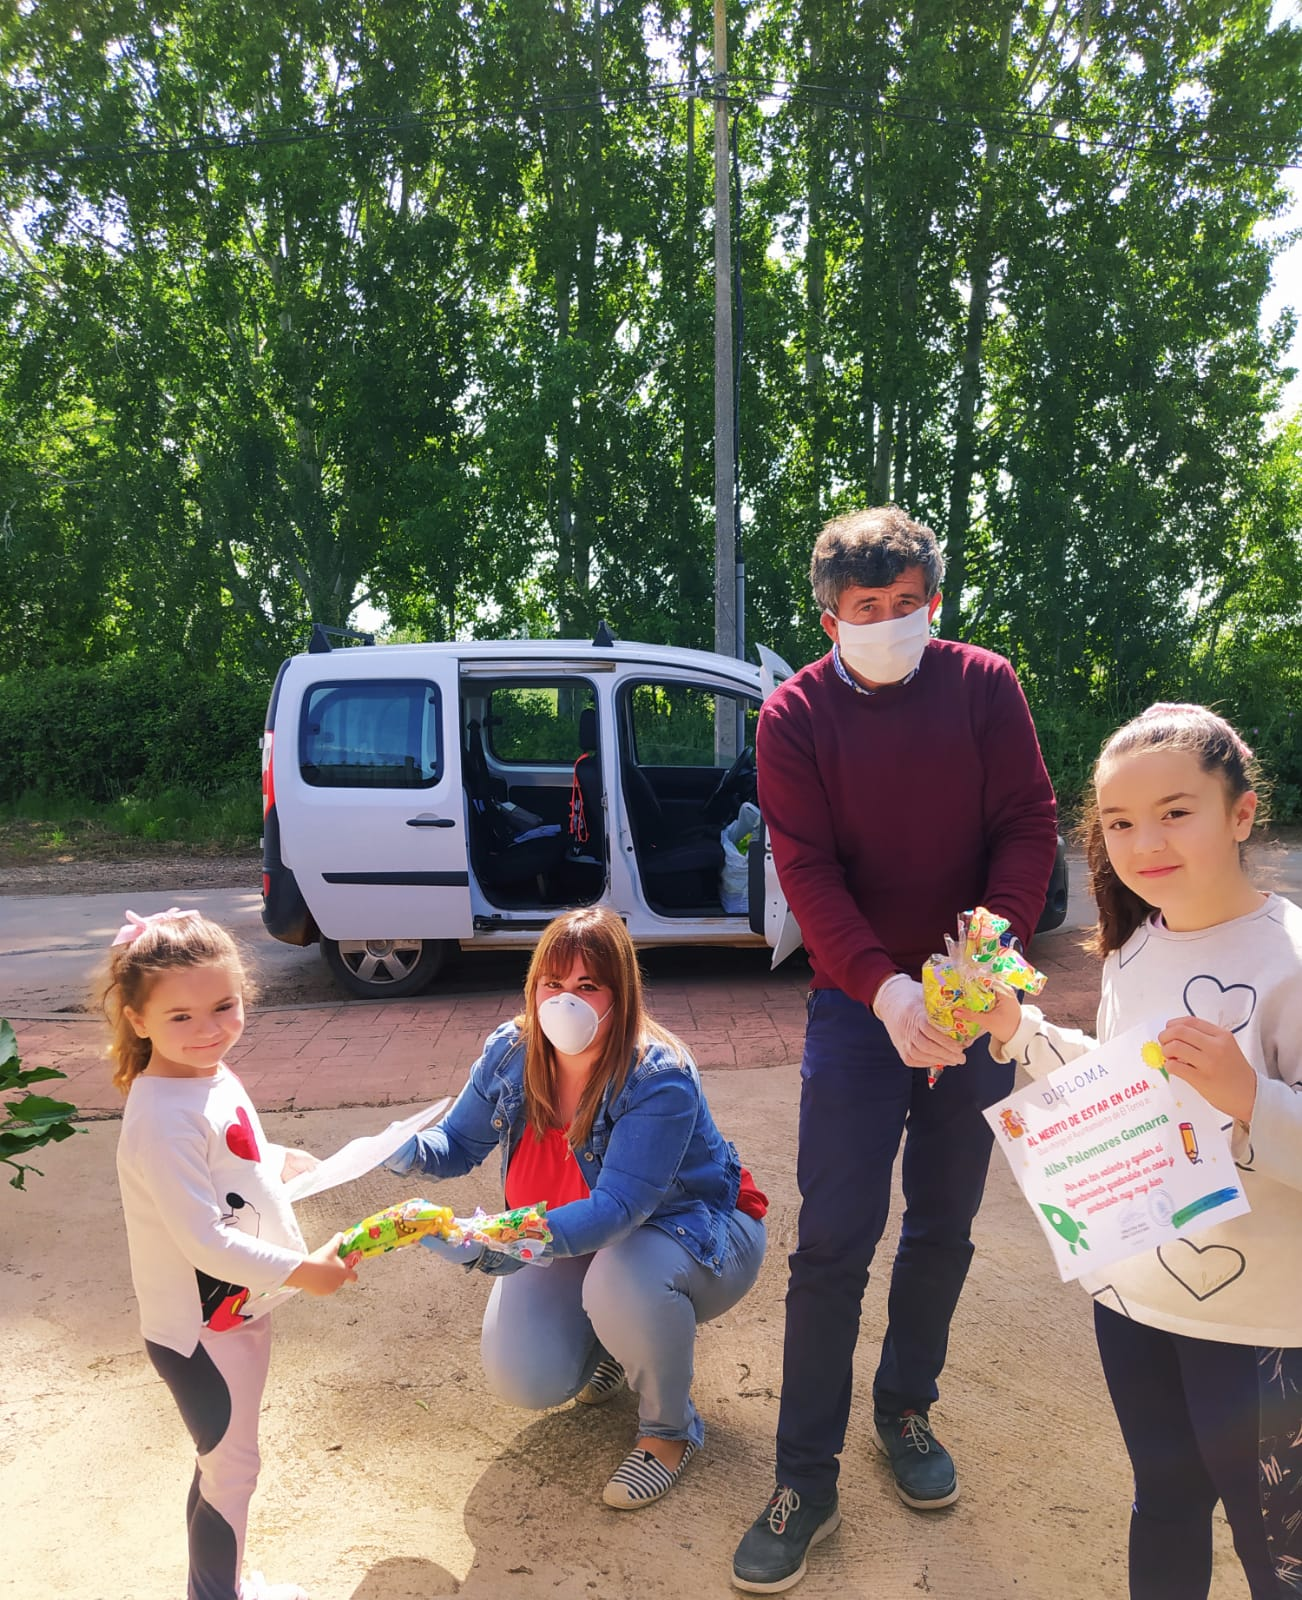 El alcalde de El Torno agradece a los niños su colaboración en la lucha contra el coronavirus 9